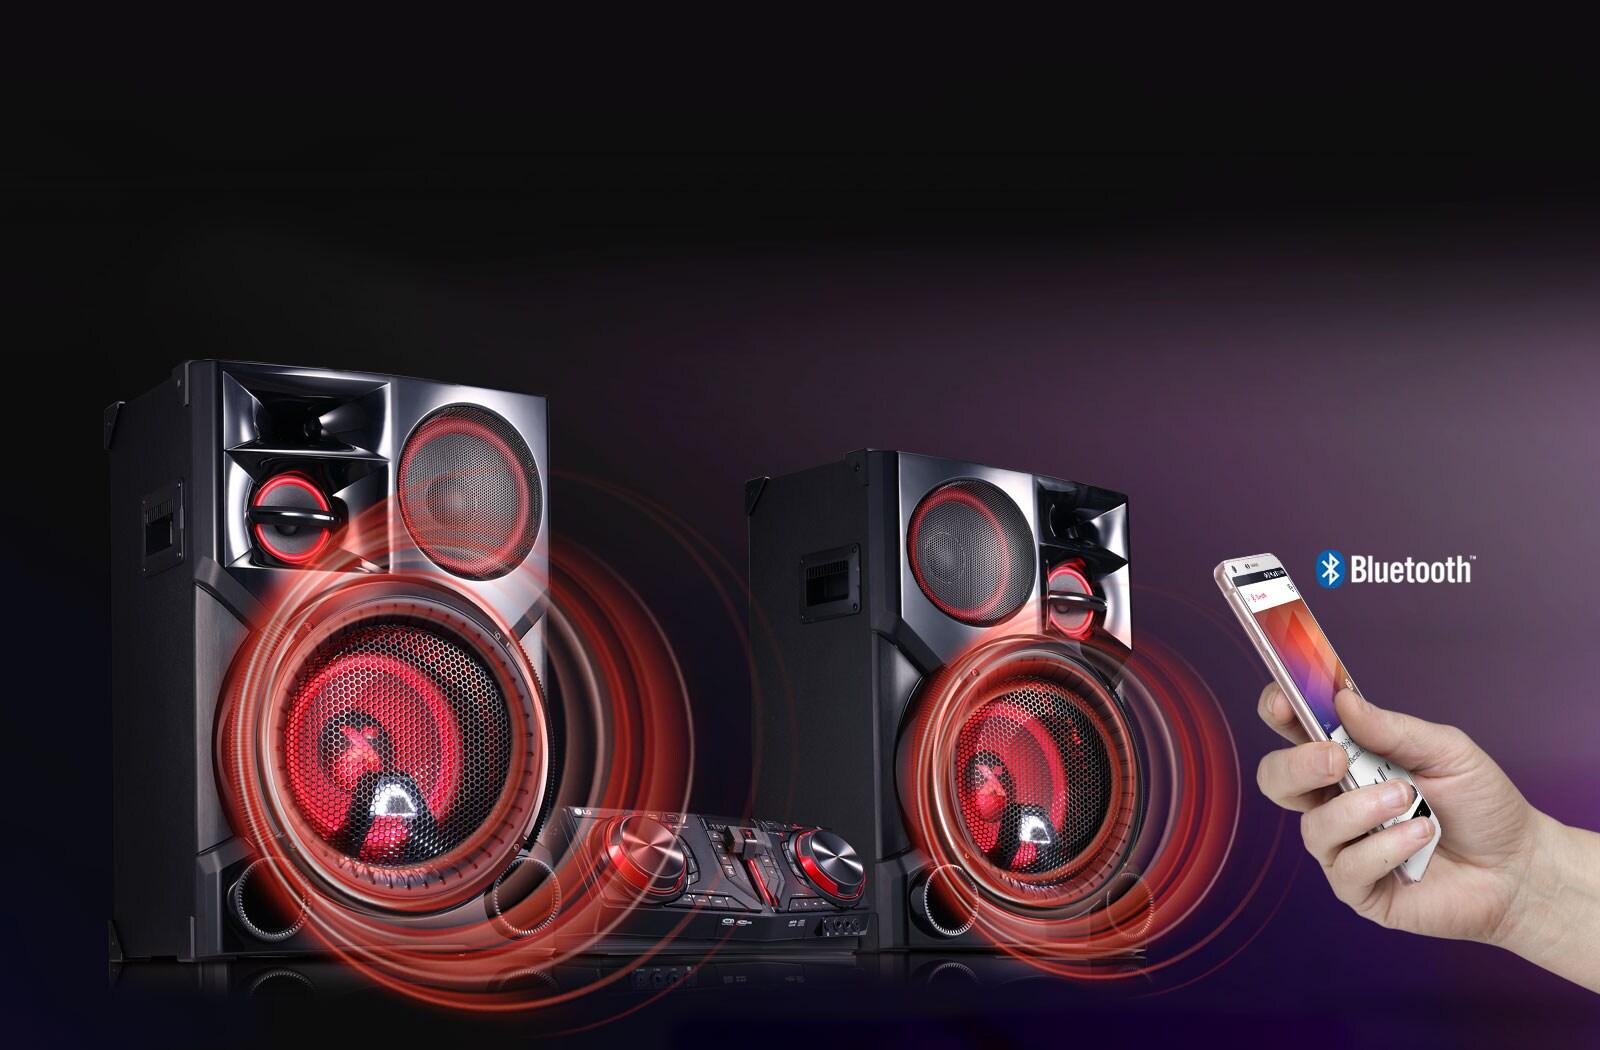 Pohotovostní Bluetooth, probuďte zvuk na vyžádání